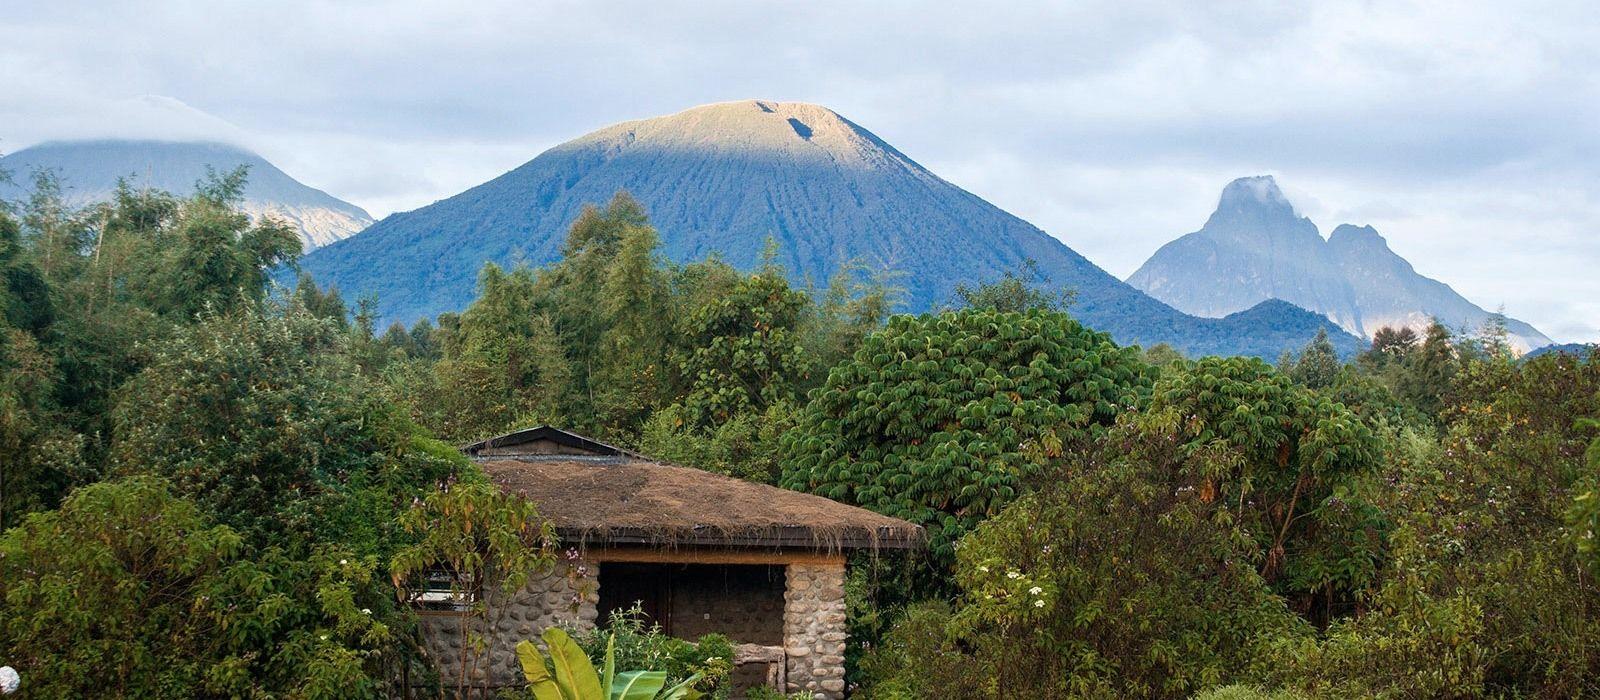 Ruanda Reise: Vulkane, Lake Kivu und Gorilla Trekking Urlaub 2